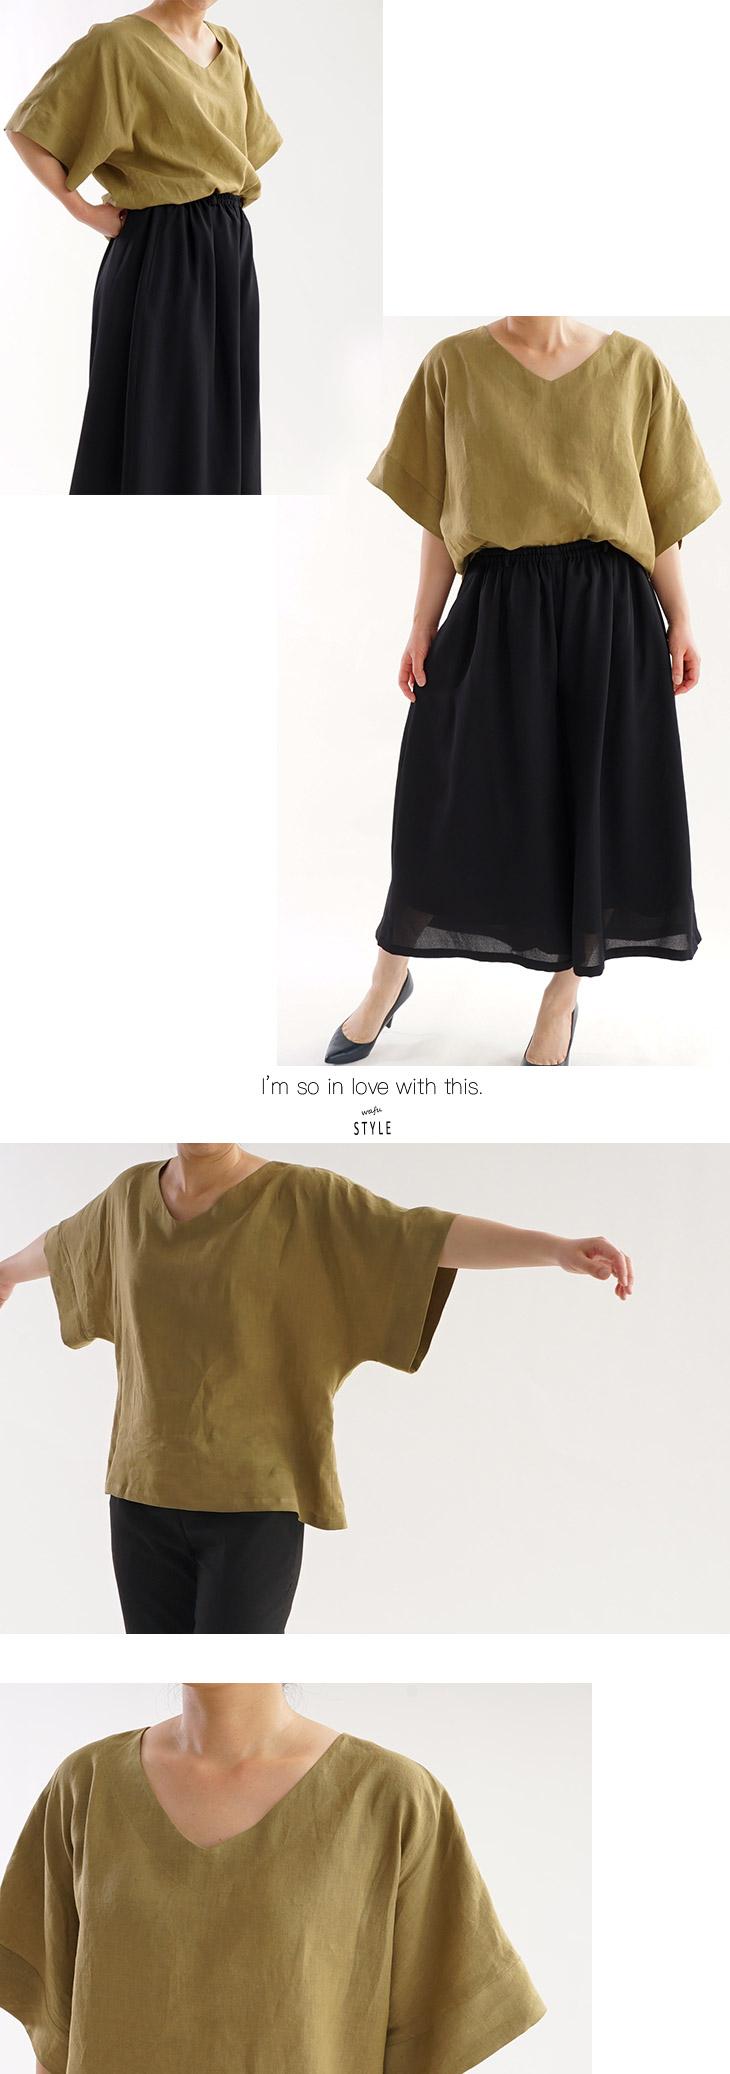 雅亜麻リネン ざっくりVネックドロップショルダーチュニック /黄橡色(きつるばみ)